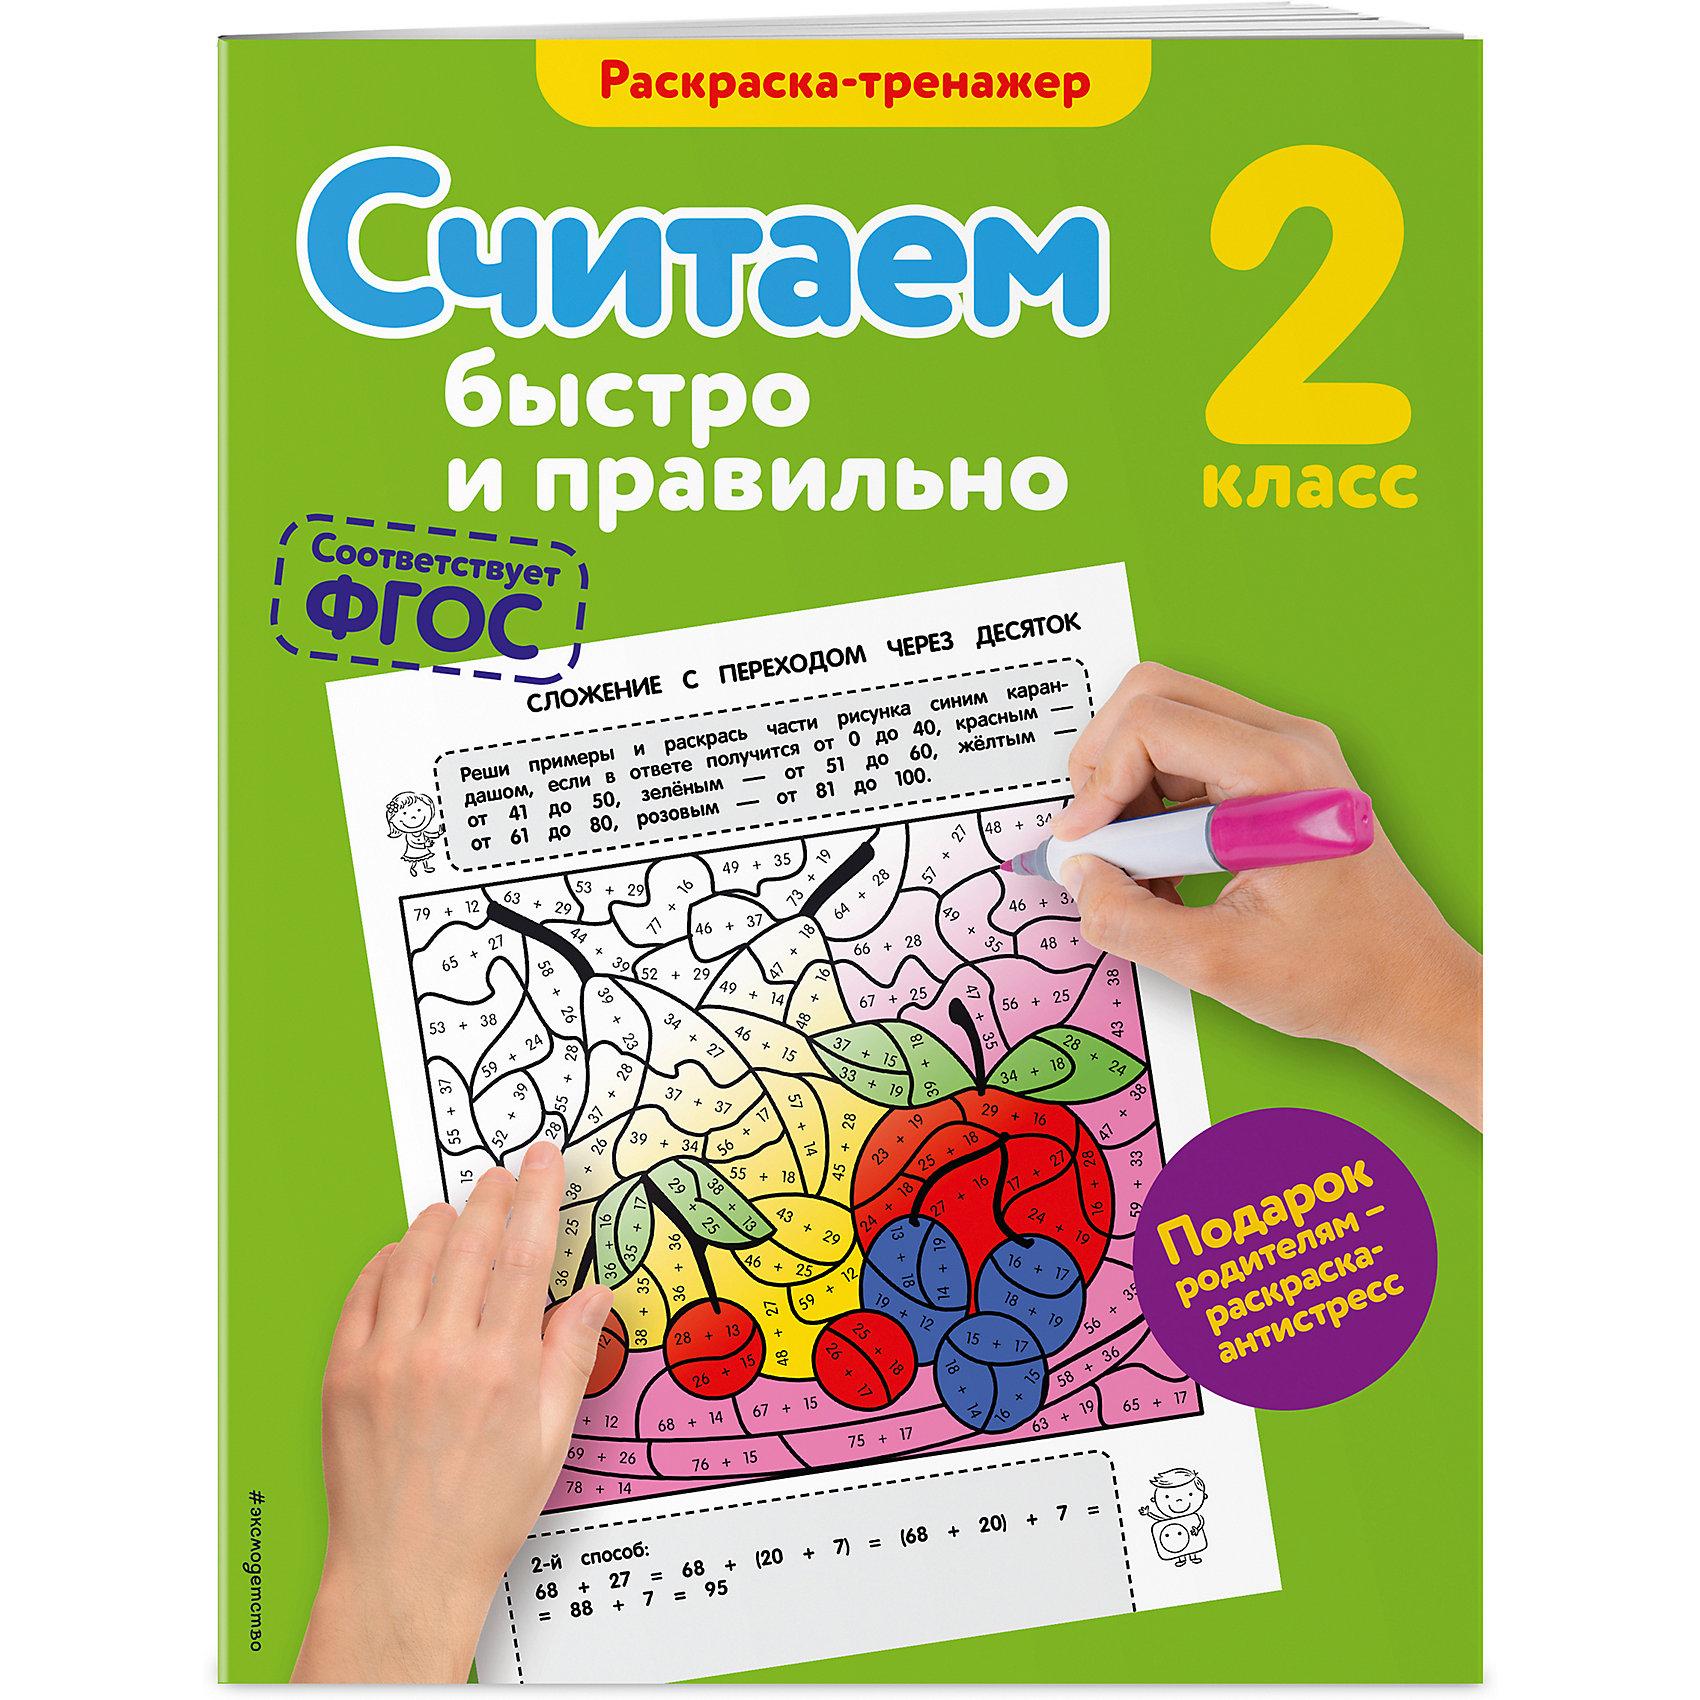 Считаем быстро и правильно, 2-й классОбучение счету<br>Пособие представляет собой математическую раскраску, которая поможет ученику 2-го класса закрепить навыки счета, решения примеров, и сравнения чисел в пределах 100, а также развить мелкую моторику, логику и внимание.<br>     В книге 31 задание на счет и раскрашивание, цветная вкладка с рисунками-ответами, раскраской-антистрессом для родителей и грамотой, которой школьник награждается за старание и любознательность. Нестандартная подача материала в пособии поможет увеличить эффективность занятий.<br><br>Ширина мм: 255<br>Глубина мм: 197<br>Высота мм: 2<br>Вес г: 115<br>Возраст от месяцев: 96<br>Возраст до месяцев: 108<br>Пол: Унисекс<br>Возраст: Детский<br>SKU: 5098437